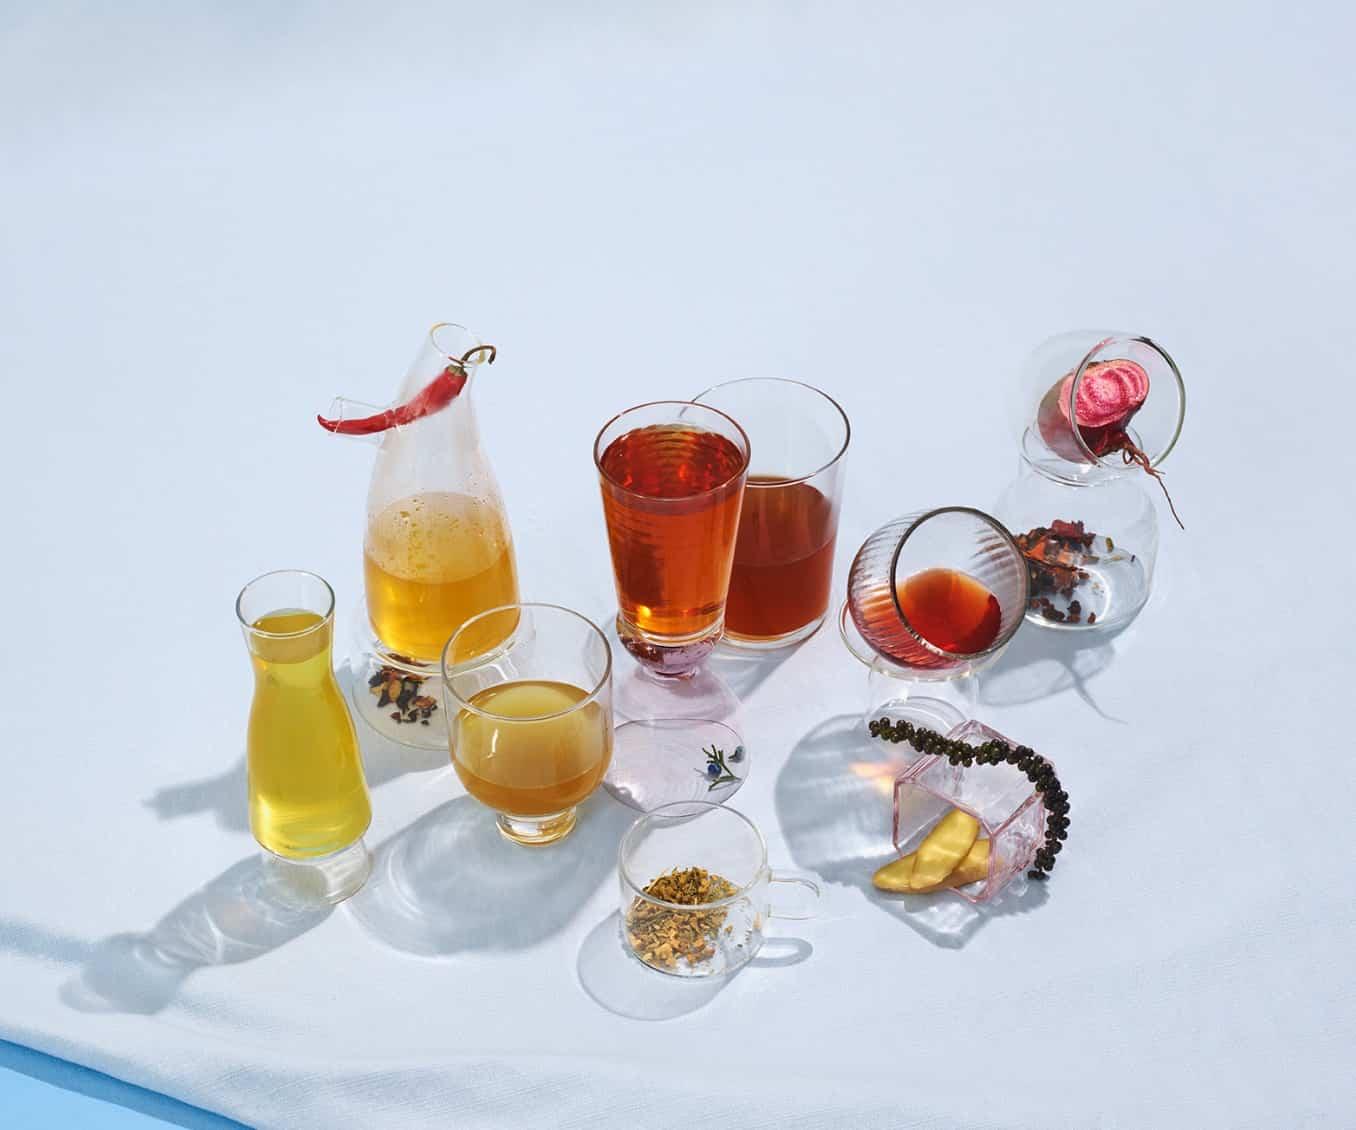 Des verres variés remplis de thés détox, entourés par des ingrédients crus tels que des betteraves et des piments.